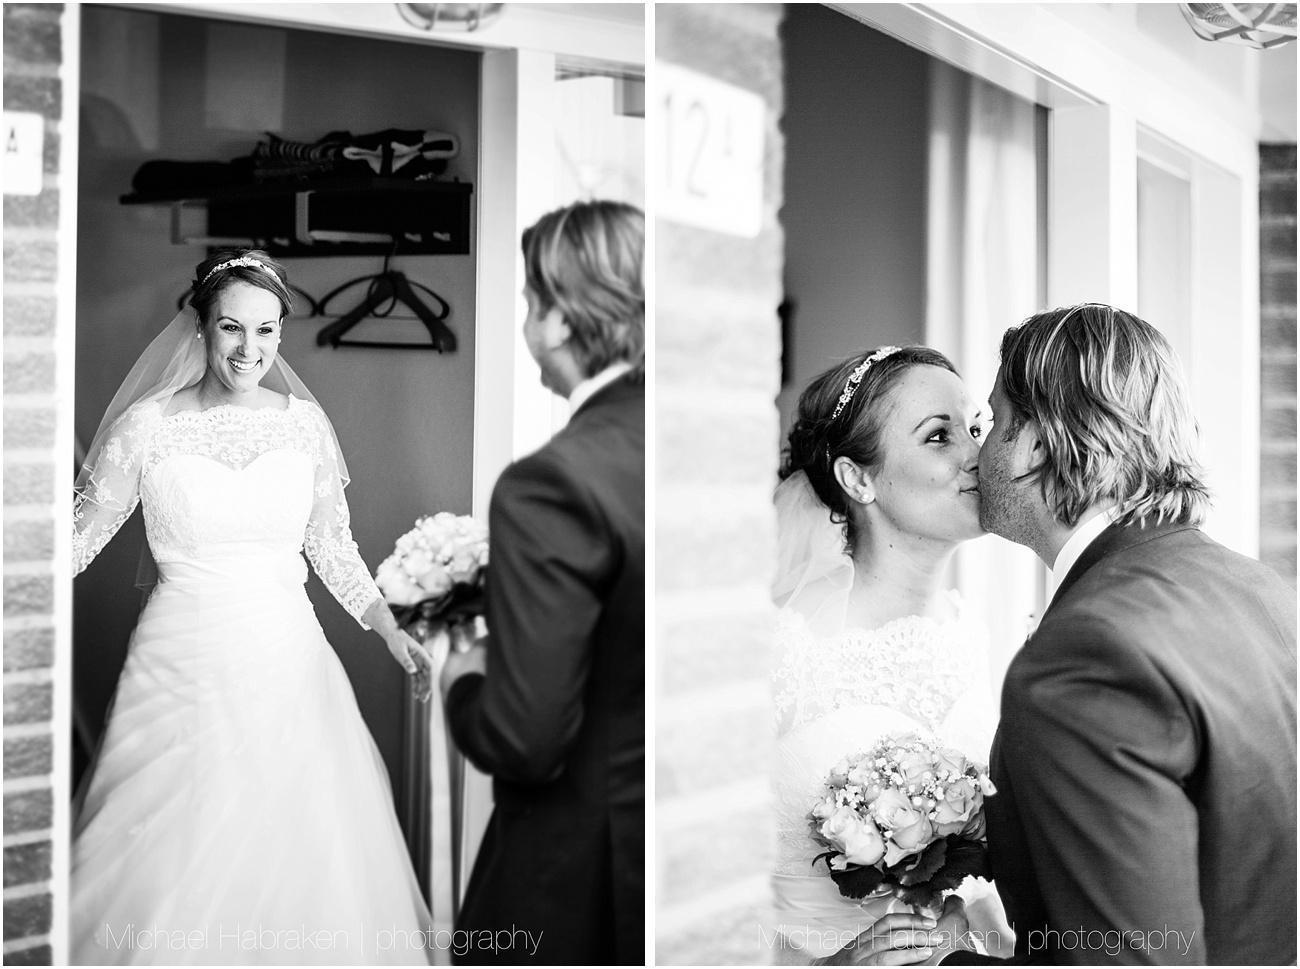 fotograaf Eindhoven, trouwfotograaf Eindhoven, bruidsfotograaf Eindhoven, first look